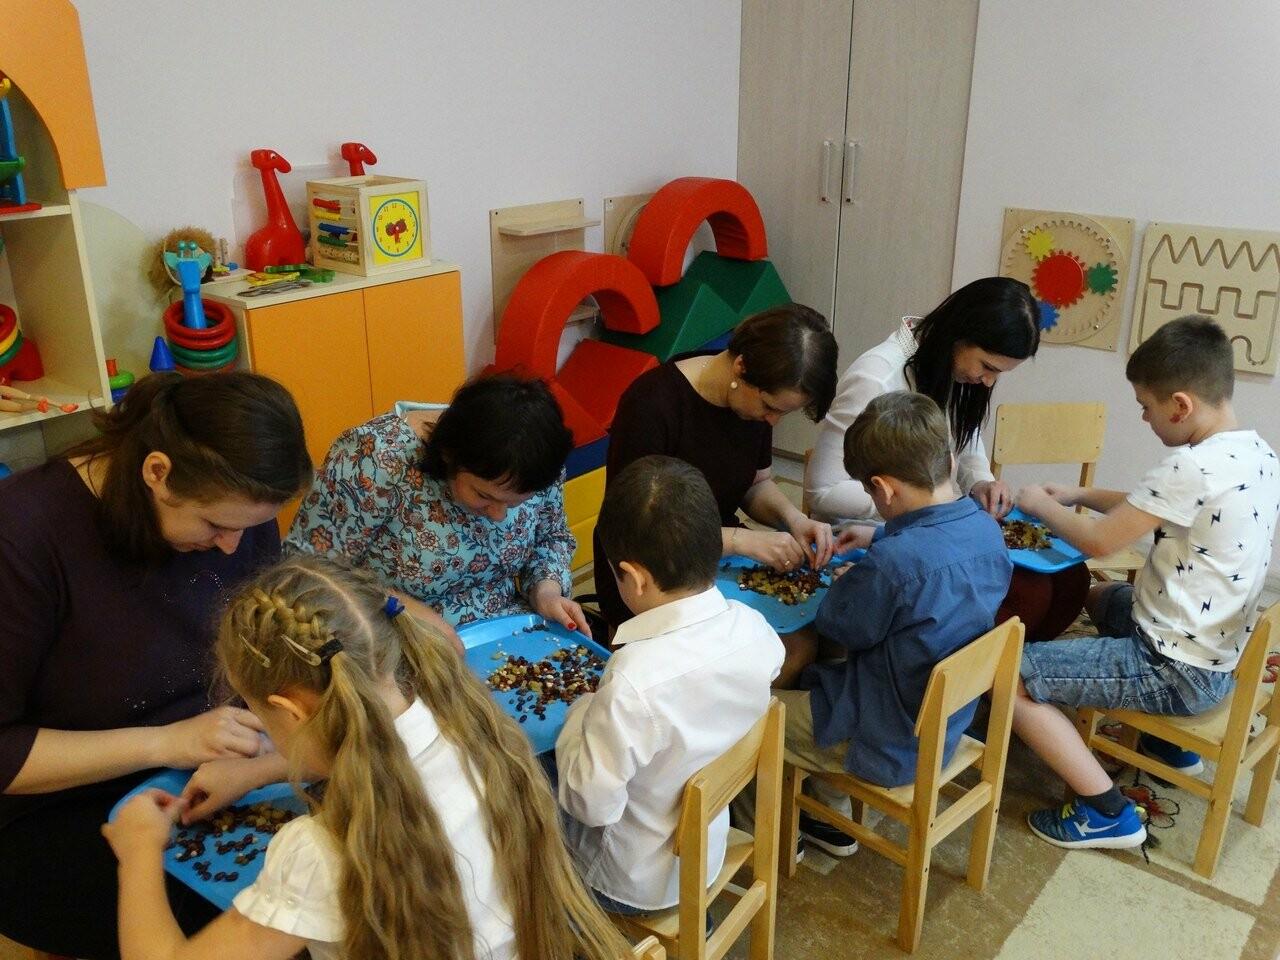 В Тамбове детский образовательный центр работал в пожароопасном здании и не имел лицензии, фото-2